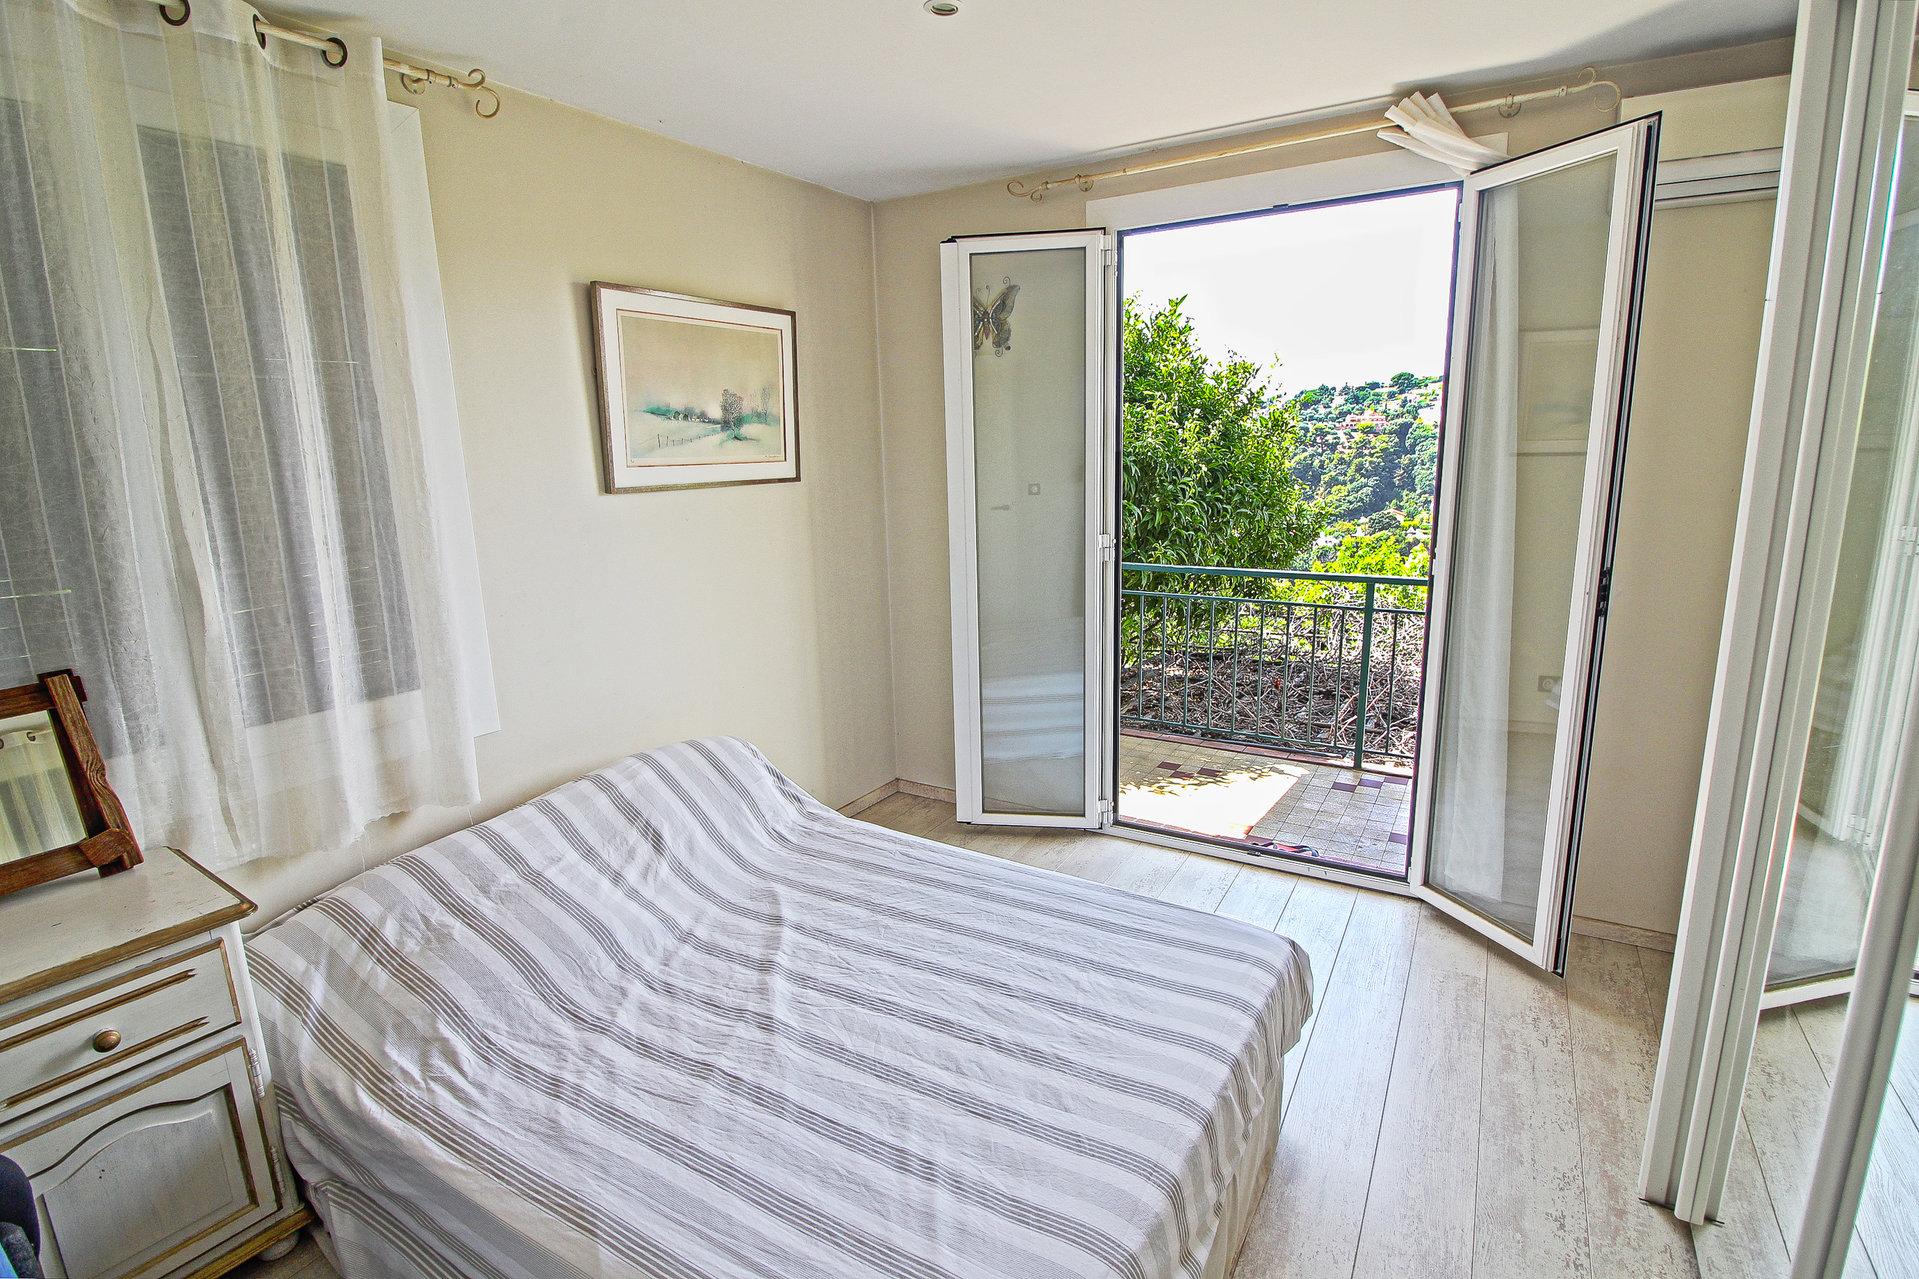 COLLINE DE PESSICART - Maison individuelle - 2 Appartement - Terrain 1500 m² - 820.000 €